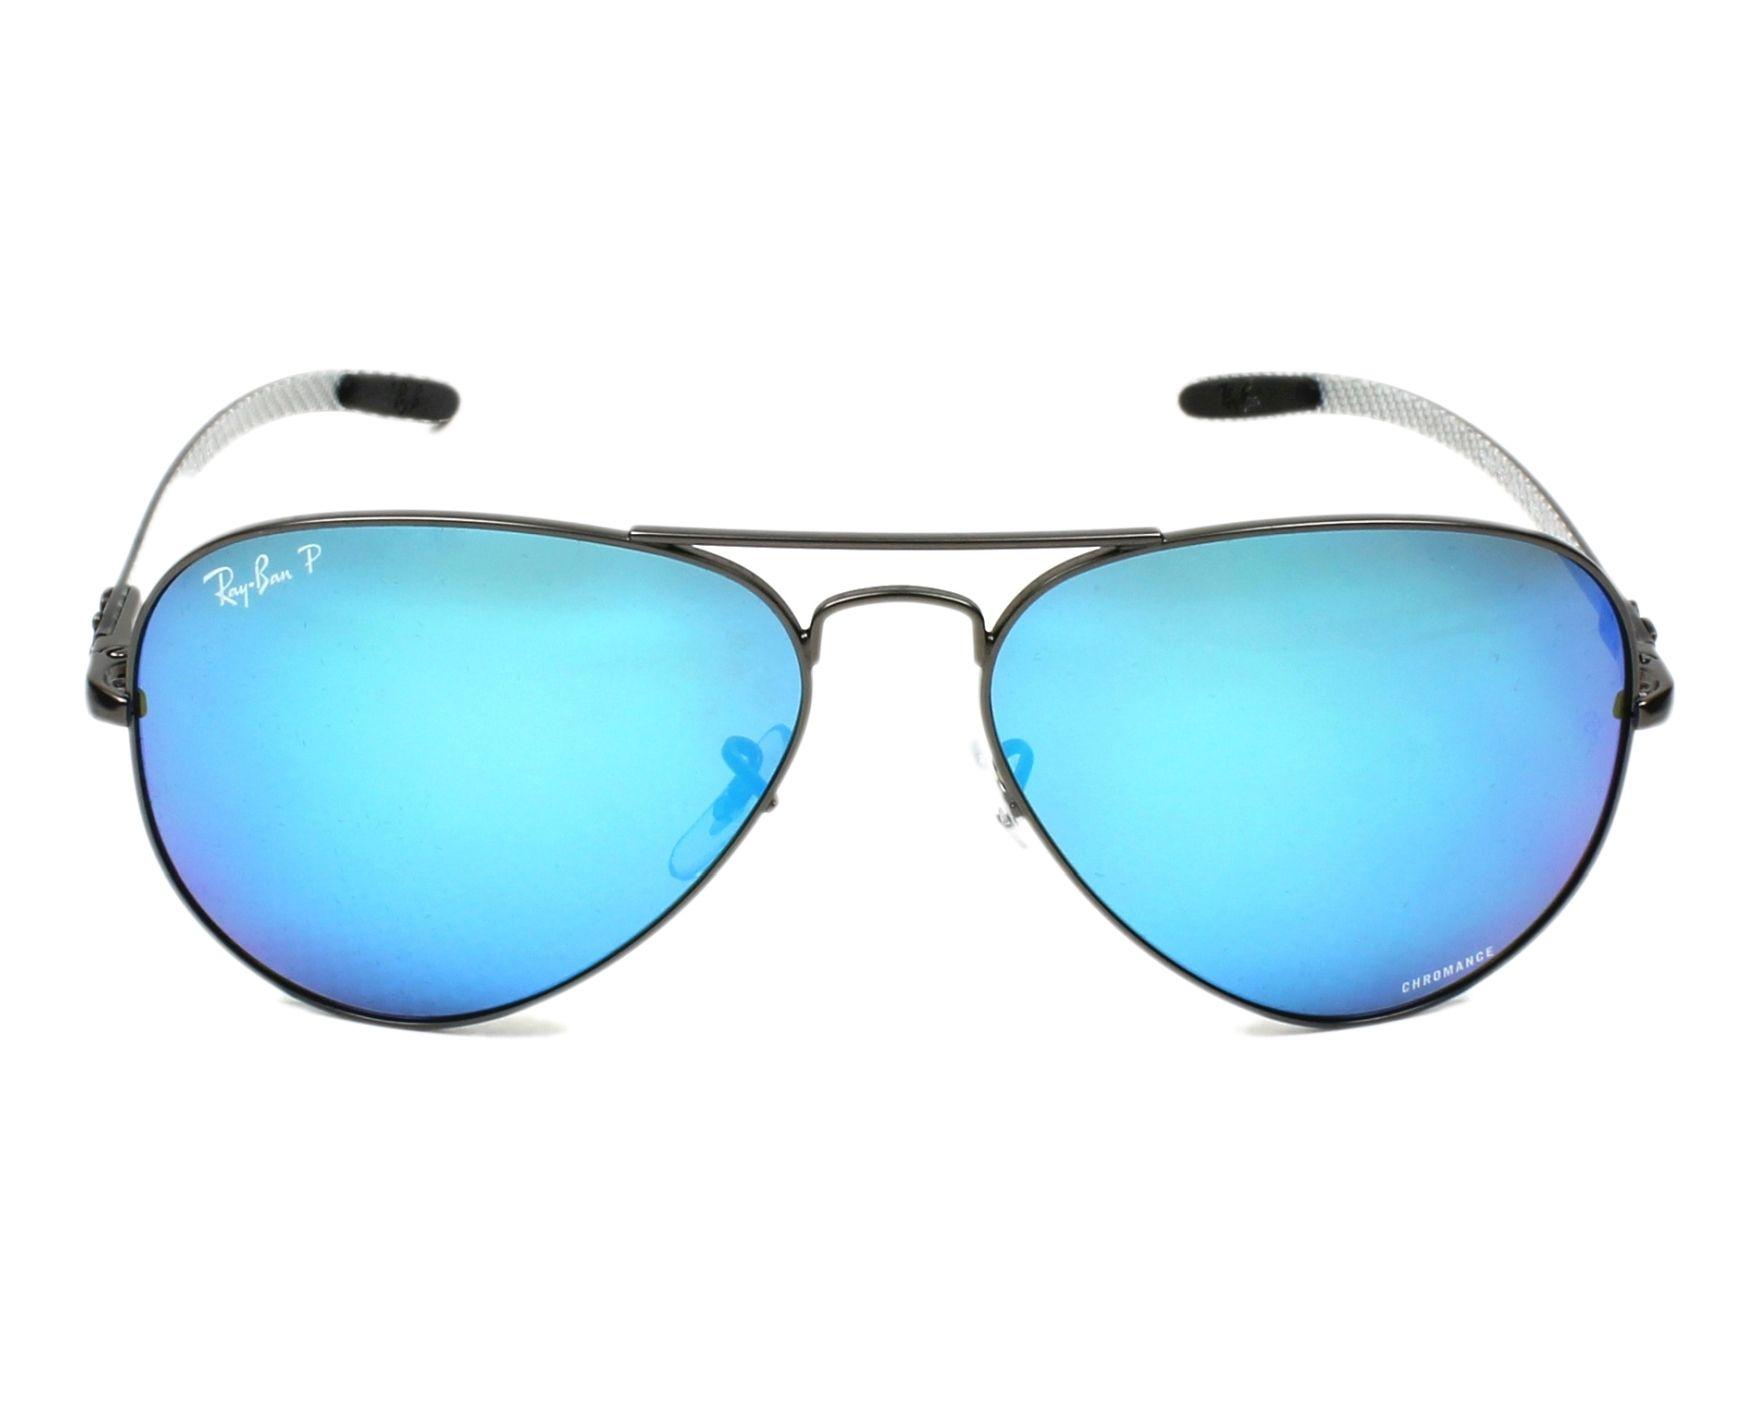 6f07dba4ba Sunglasses Ray-Ban RB-8317-CH 029 A1 58-14 Gun